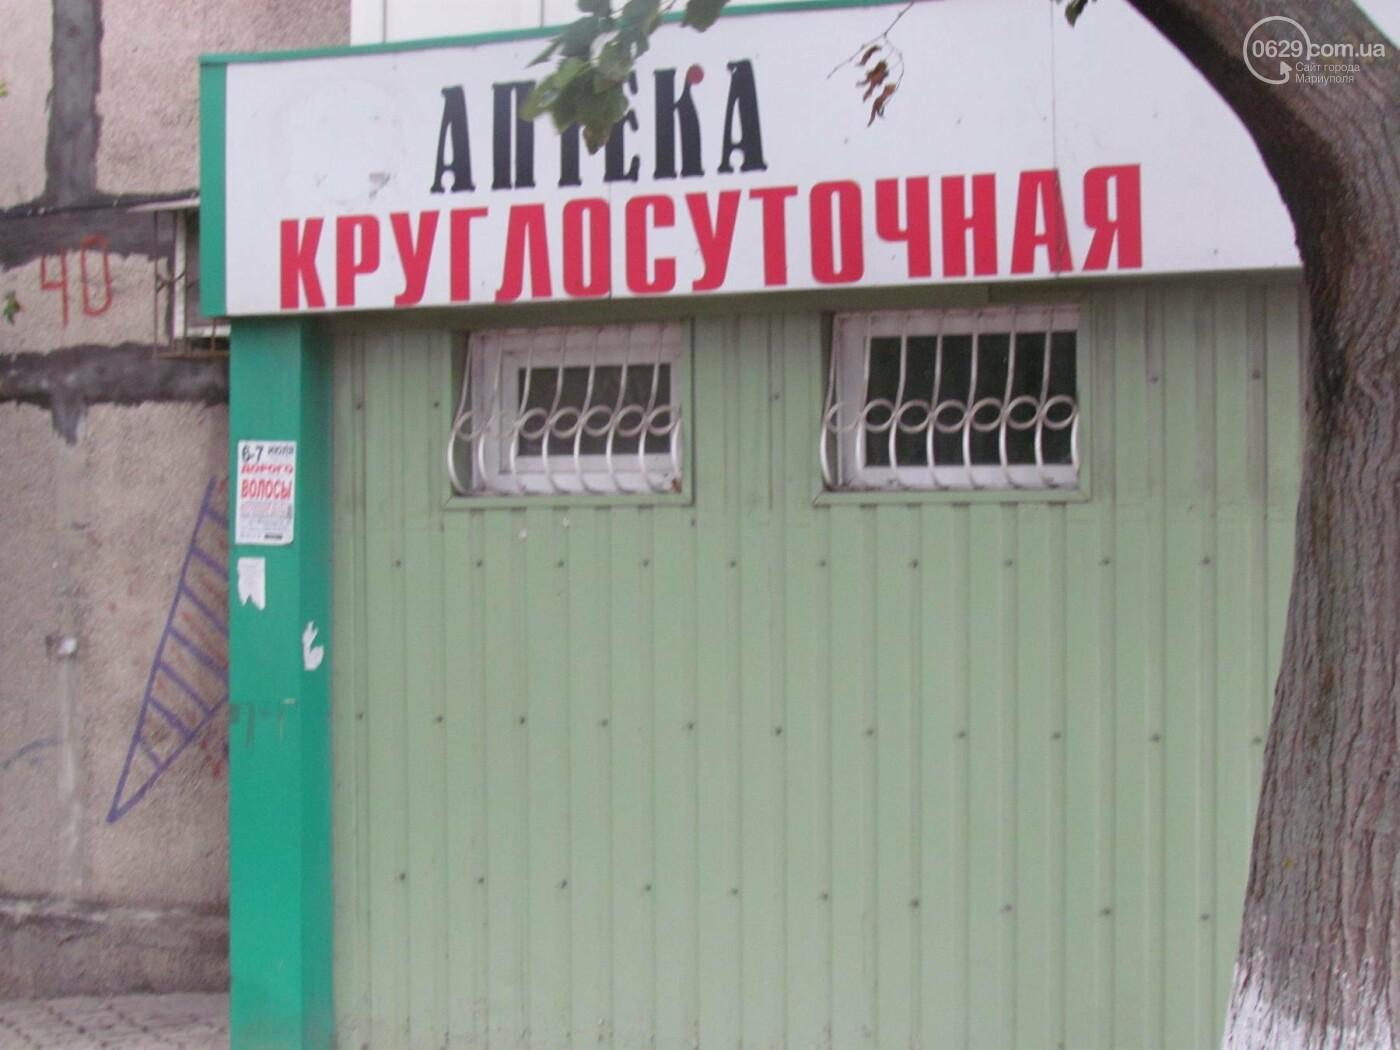 Герыч hydra ЮАО alpha-PVP hydra Копейск